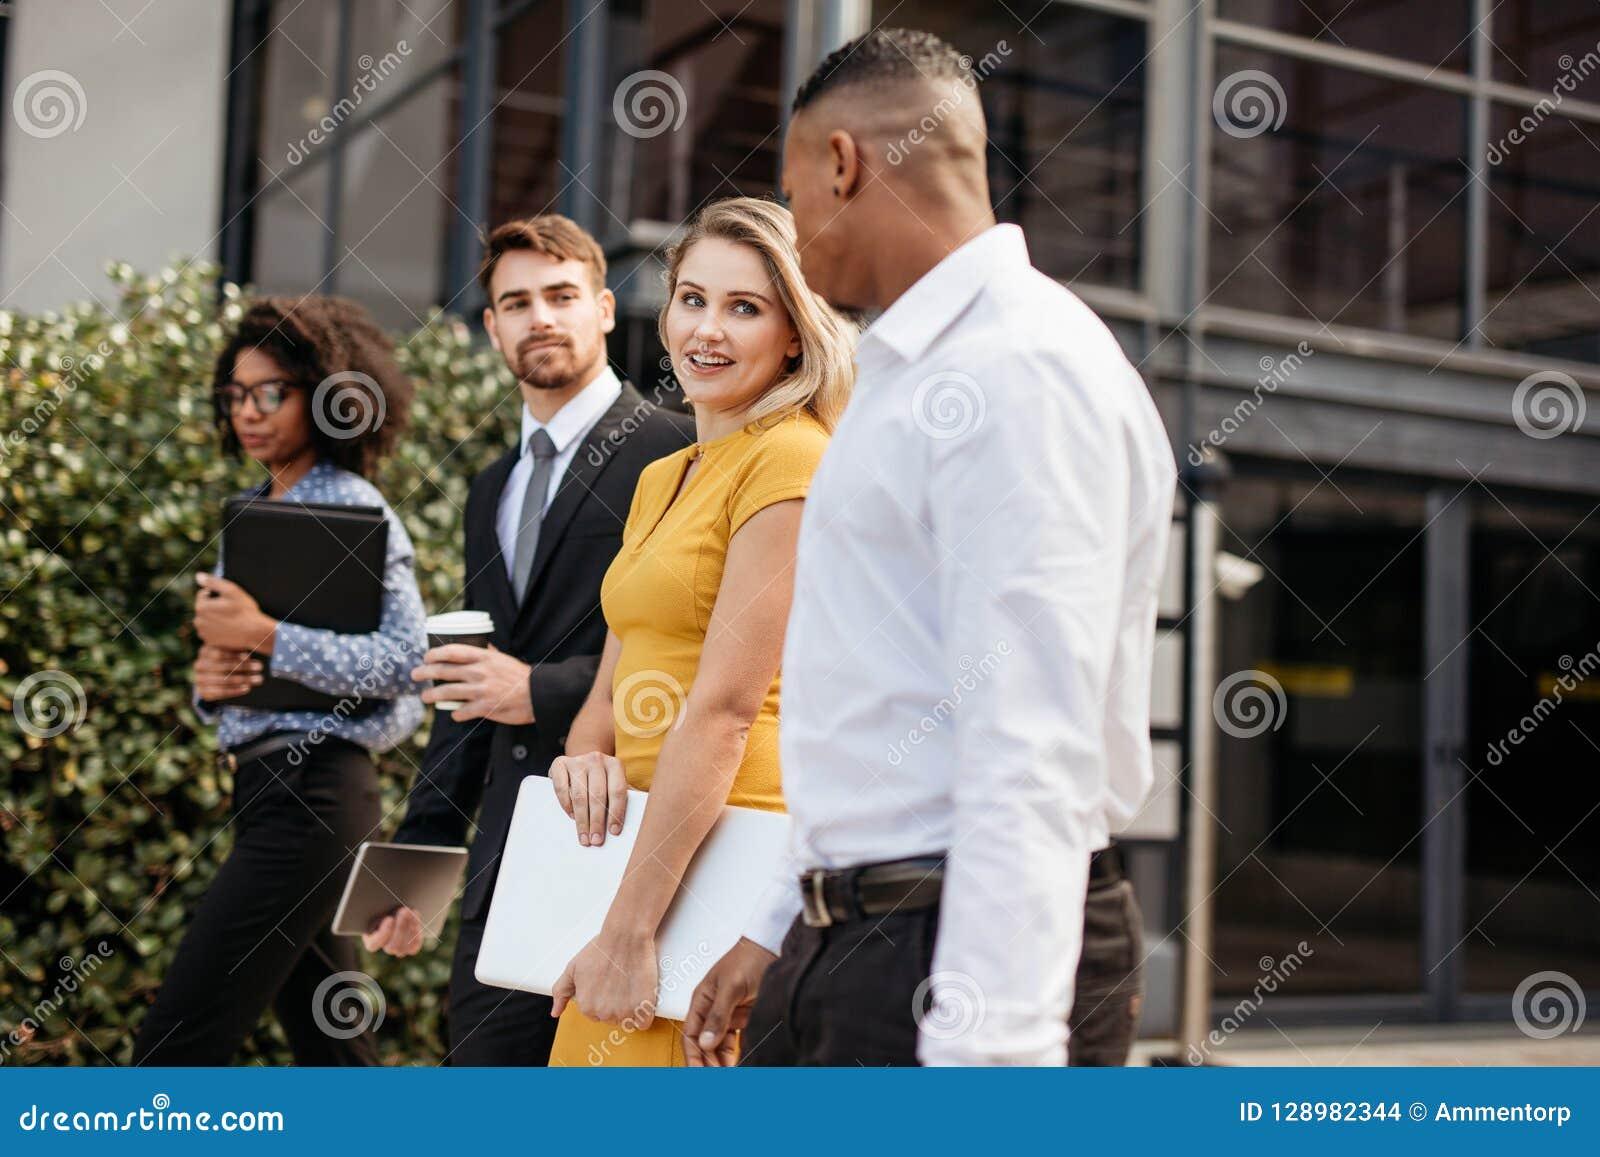 Ομάδα πολυ-εθνικών επιχειρηματιών που ξυπνούν έξω από το γραφείο buil